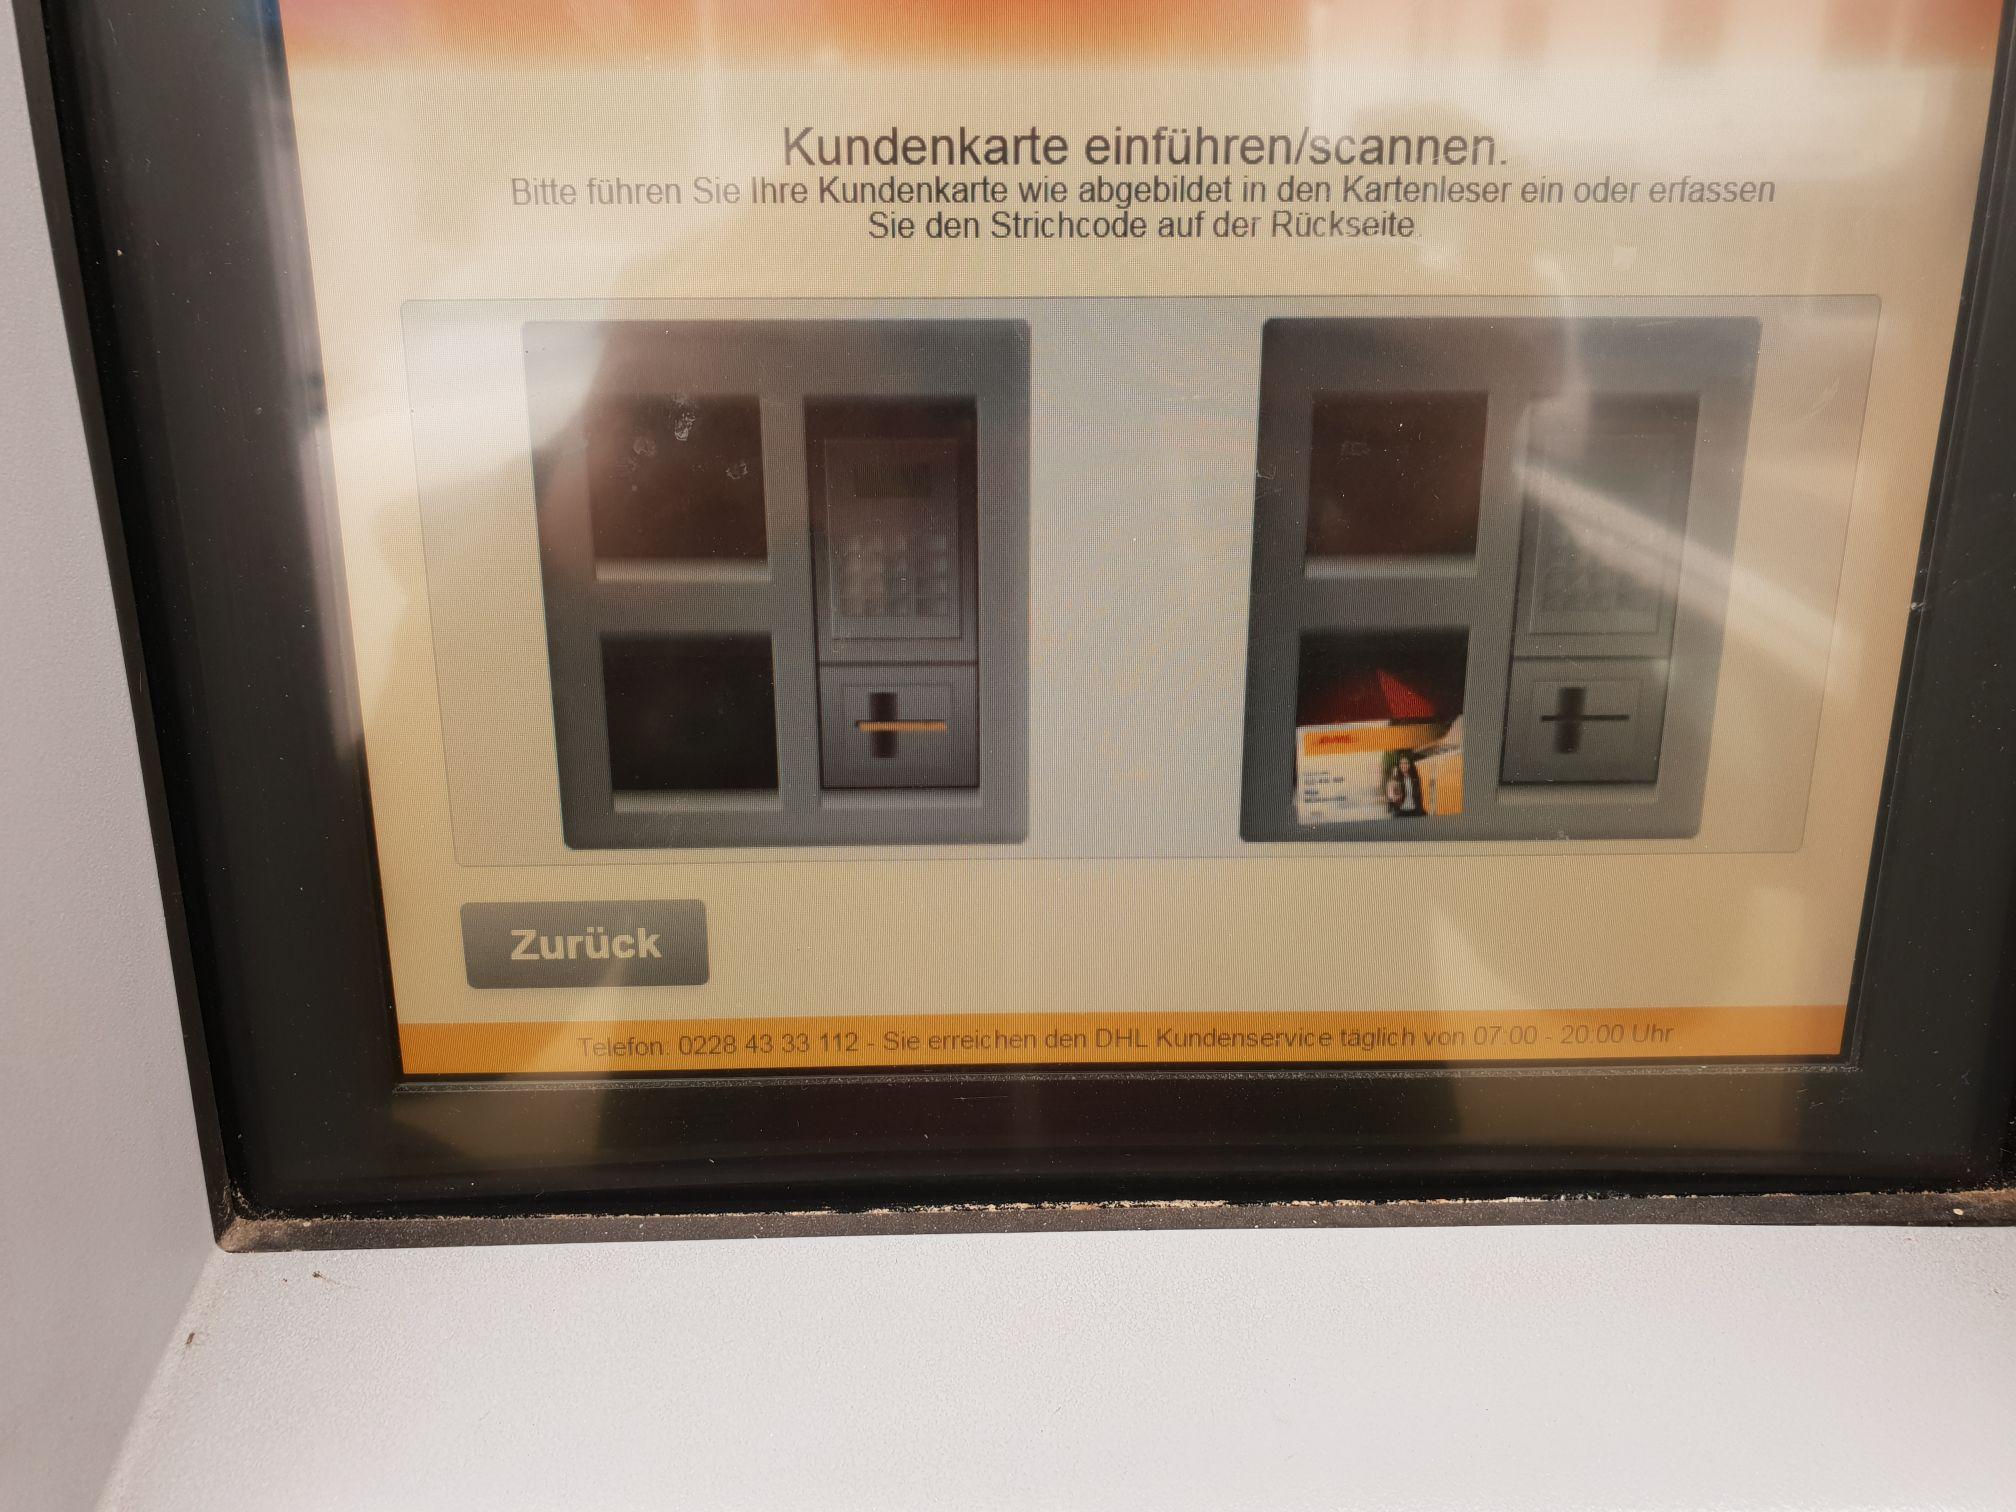 Packstation Karte Gesperrt.Dhl Kundenkarte Packstation Dauer Mydealz De